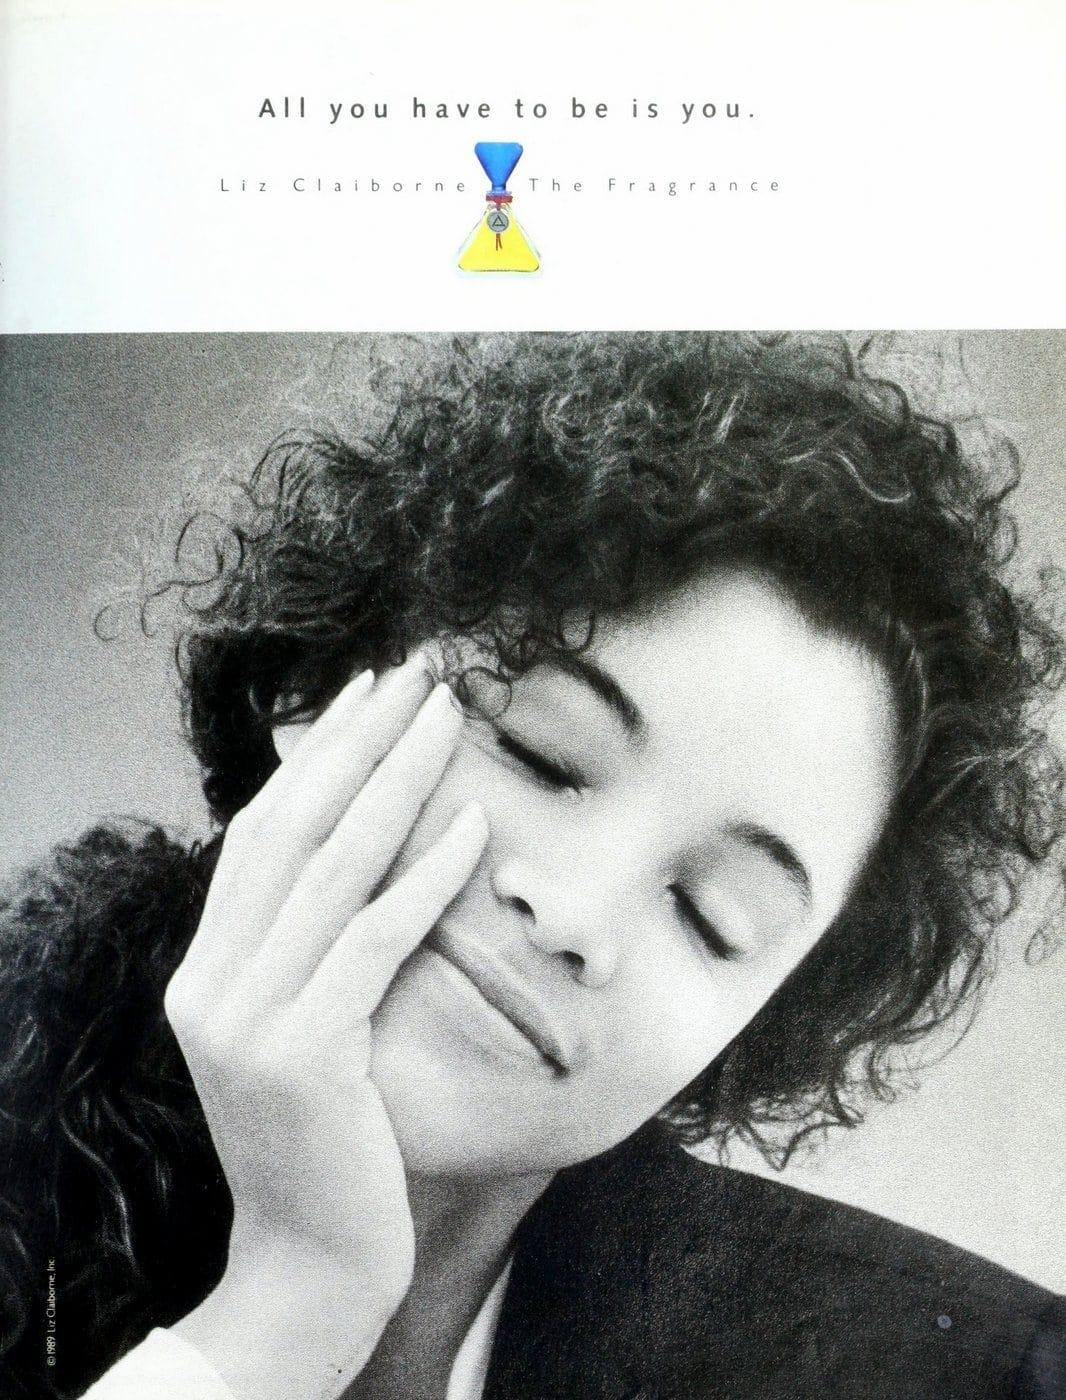 Liz Claiborne - The Fragrance - 1989